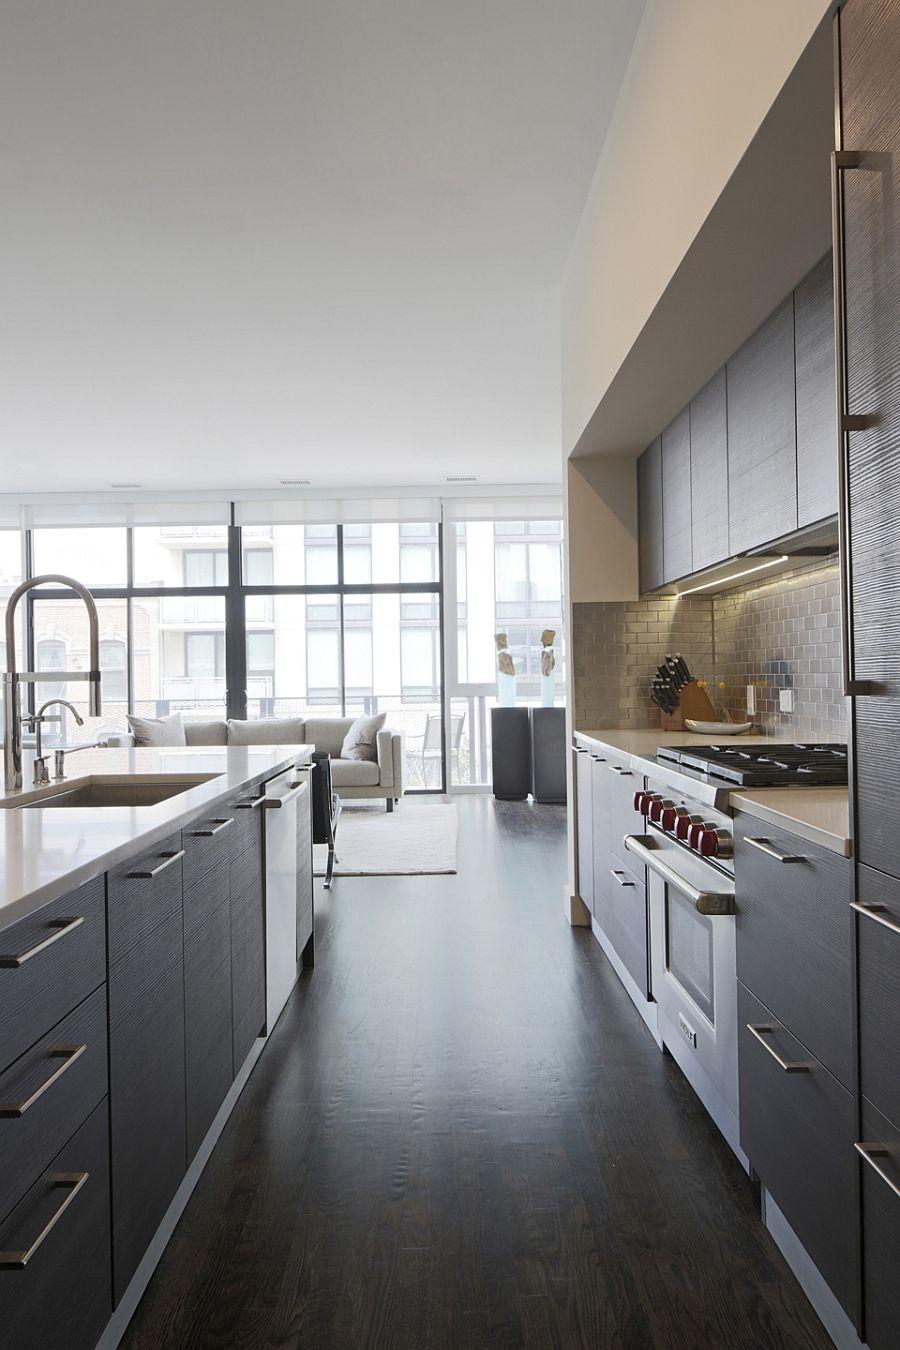 Modern Kitchen Island Work Station Mold - Kitchen Cabinets | Ideas ...